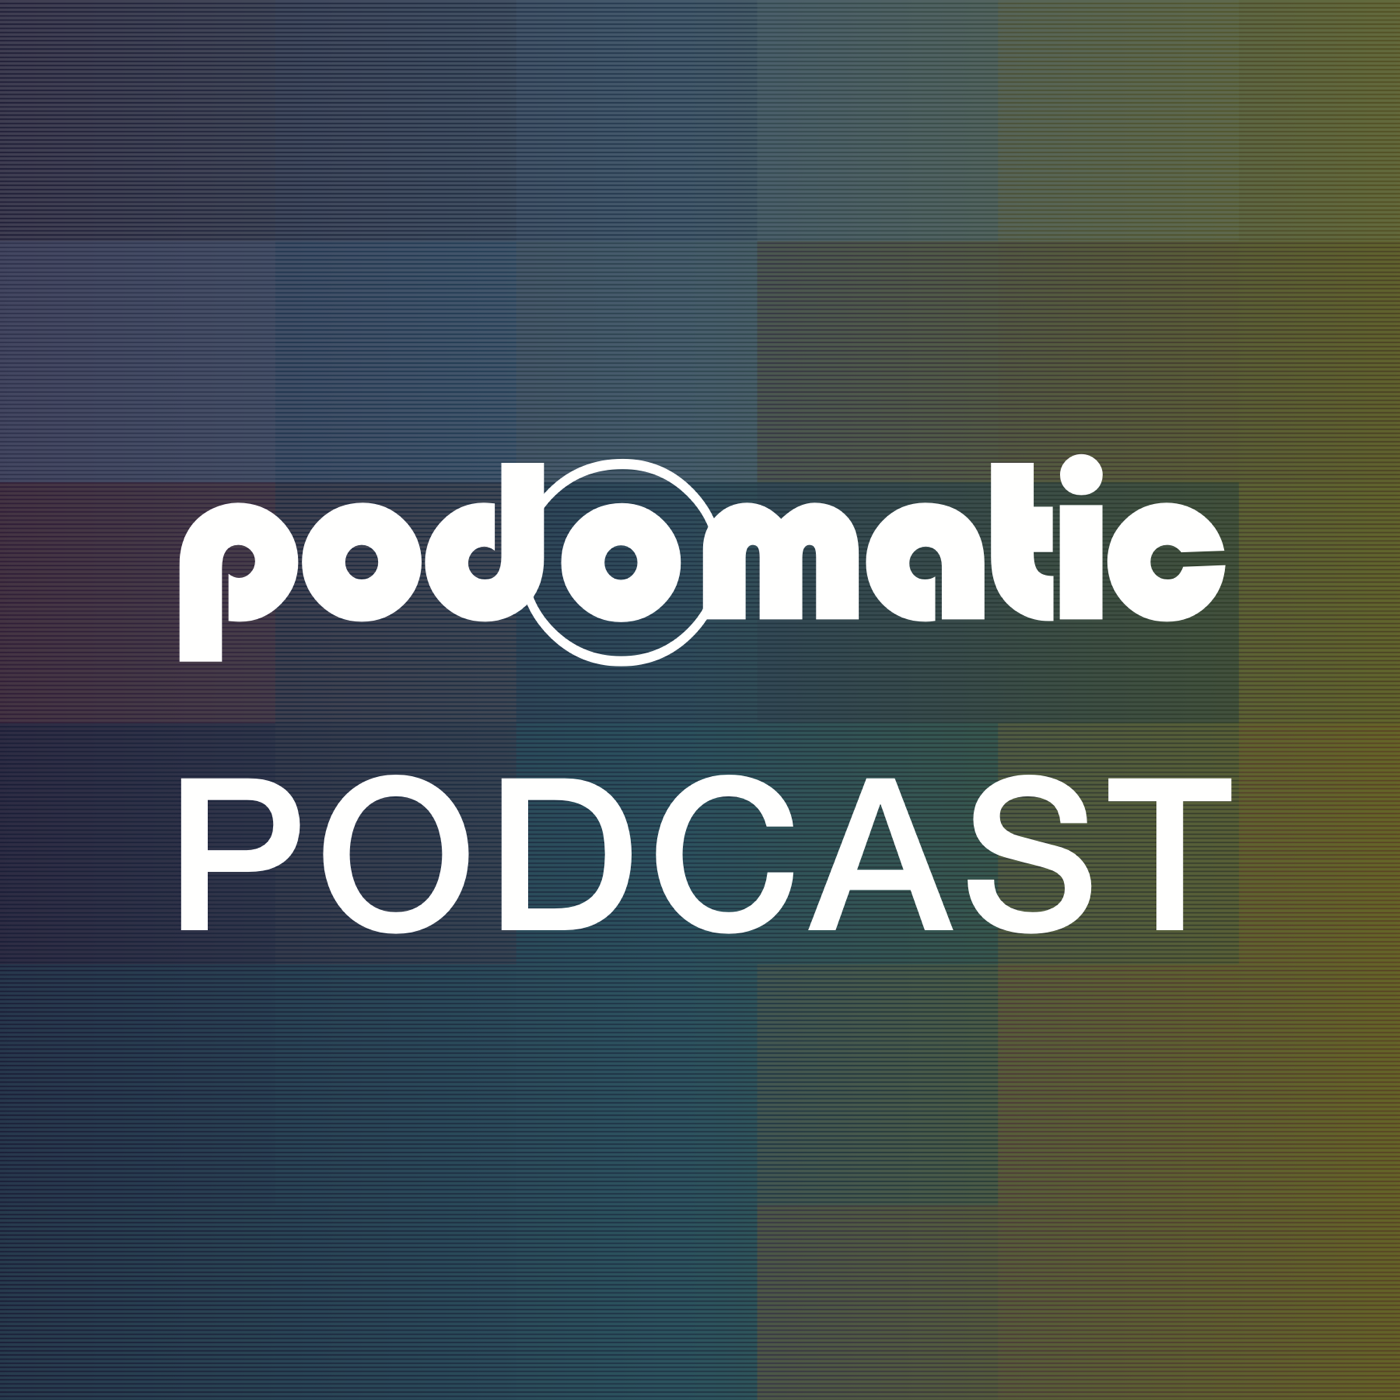 Rantsom Radiocast's Podcast